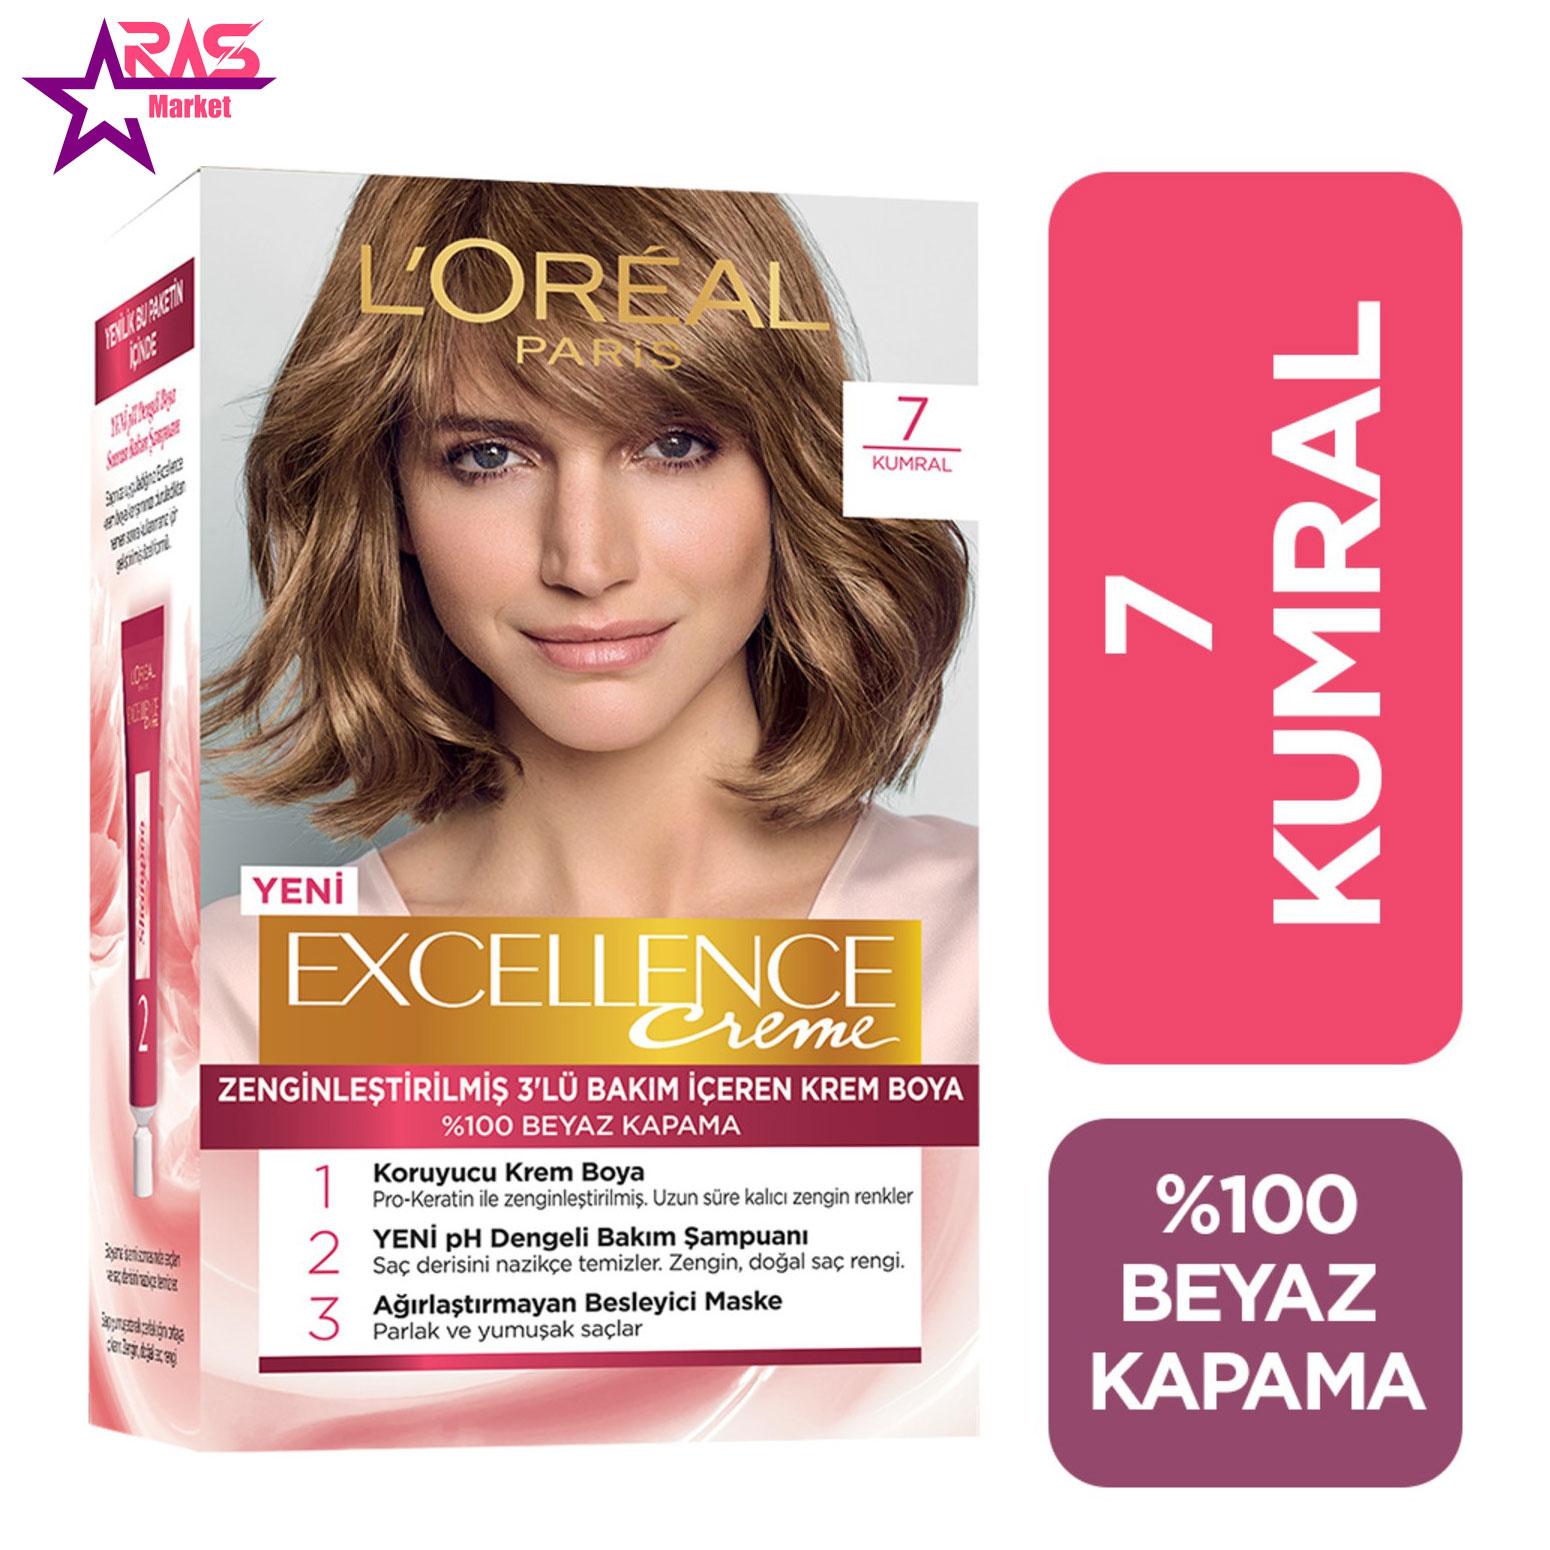 کیت رنگ مو لورآل سری Excellence شماره 7 ، فروشگاه اینترنتی ارس مارکت ، بهداشت بانوان